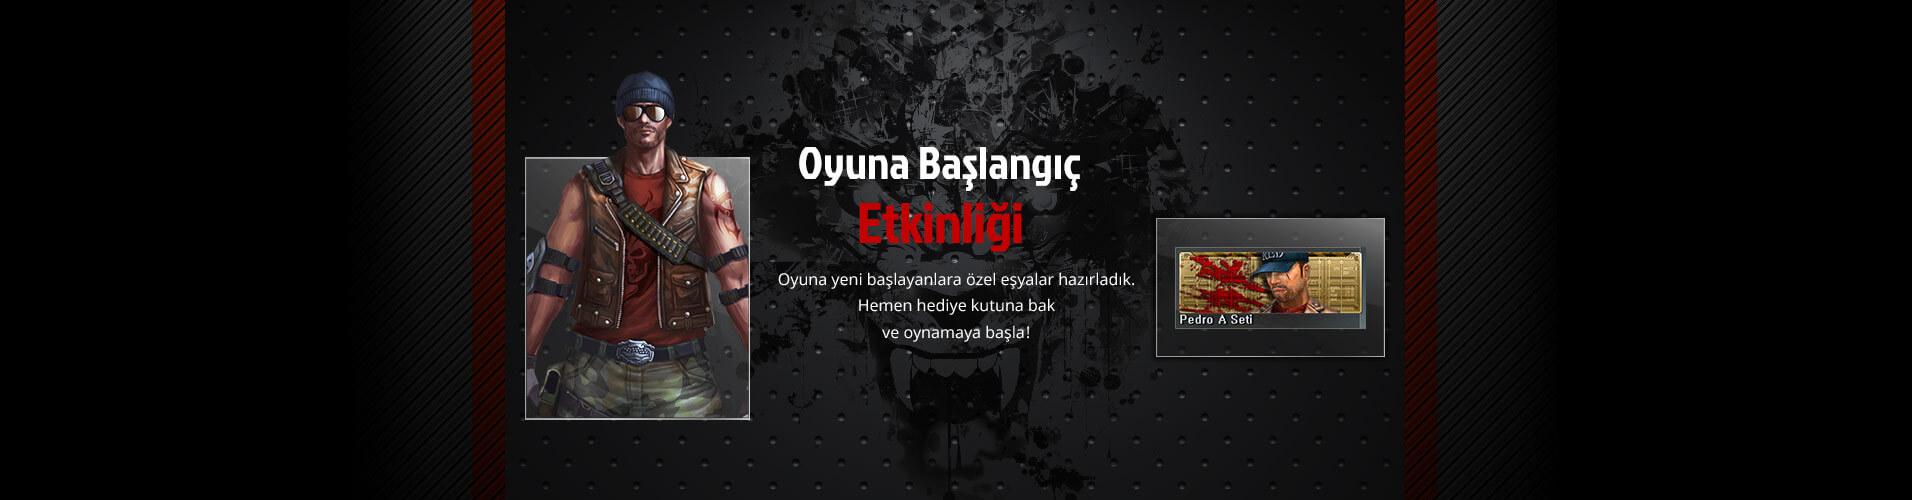 Oyuna Başlangıç Etkinliği (Ekim 2016)